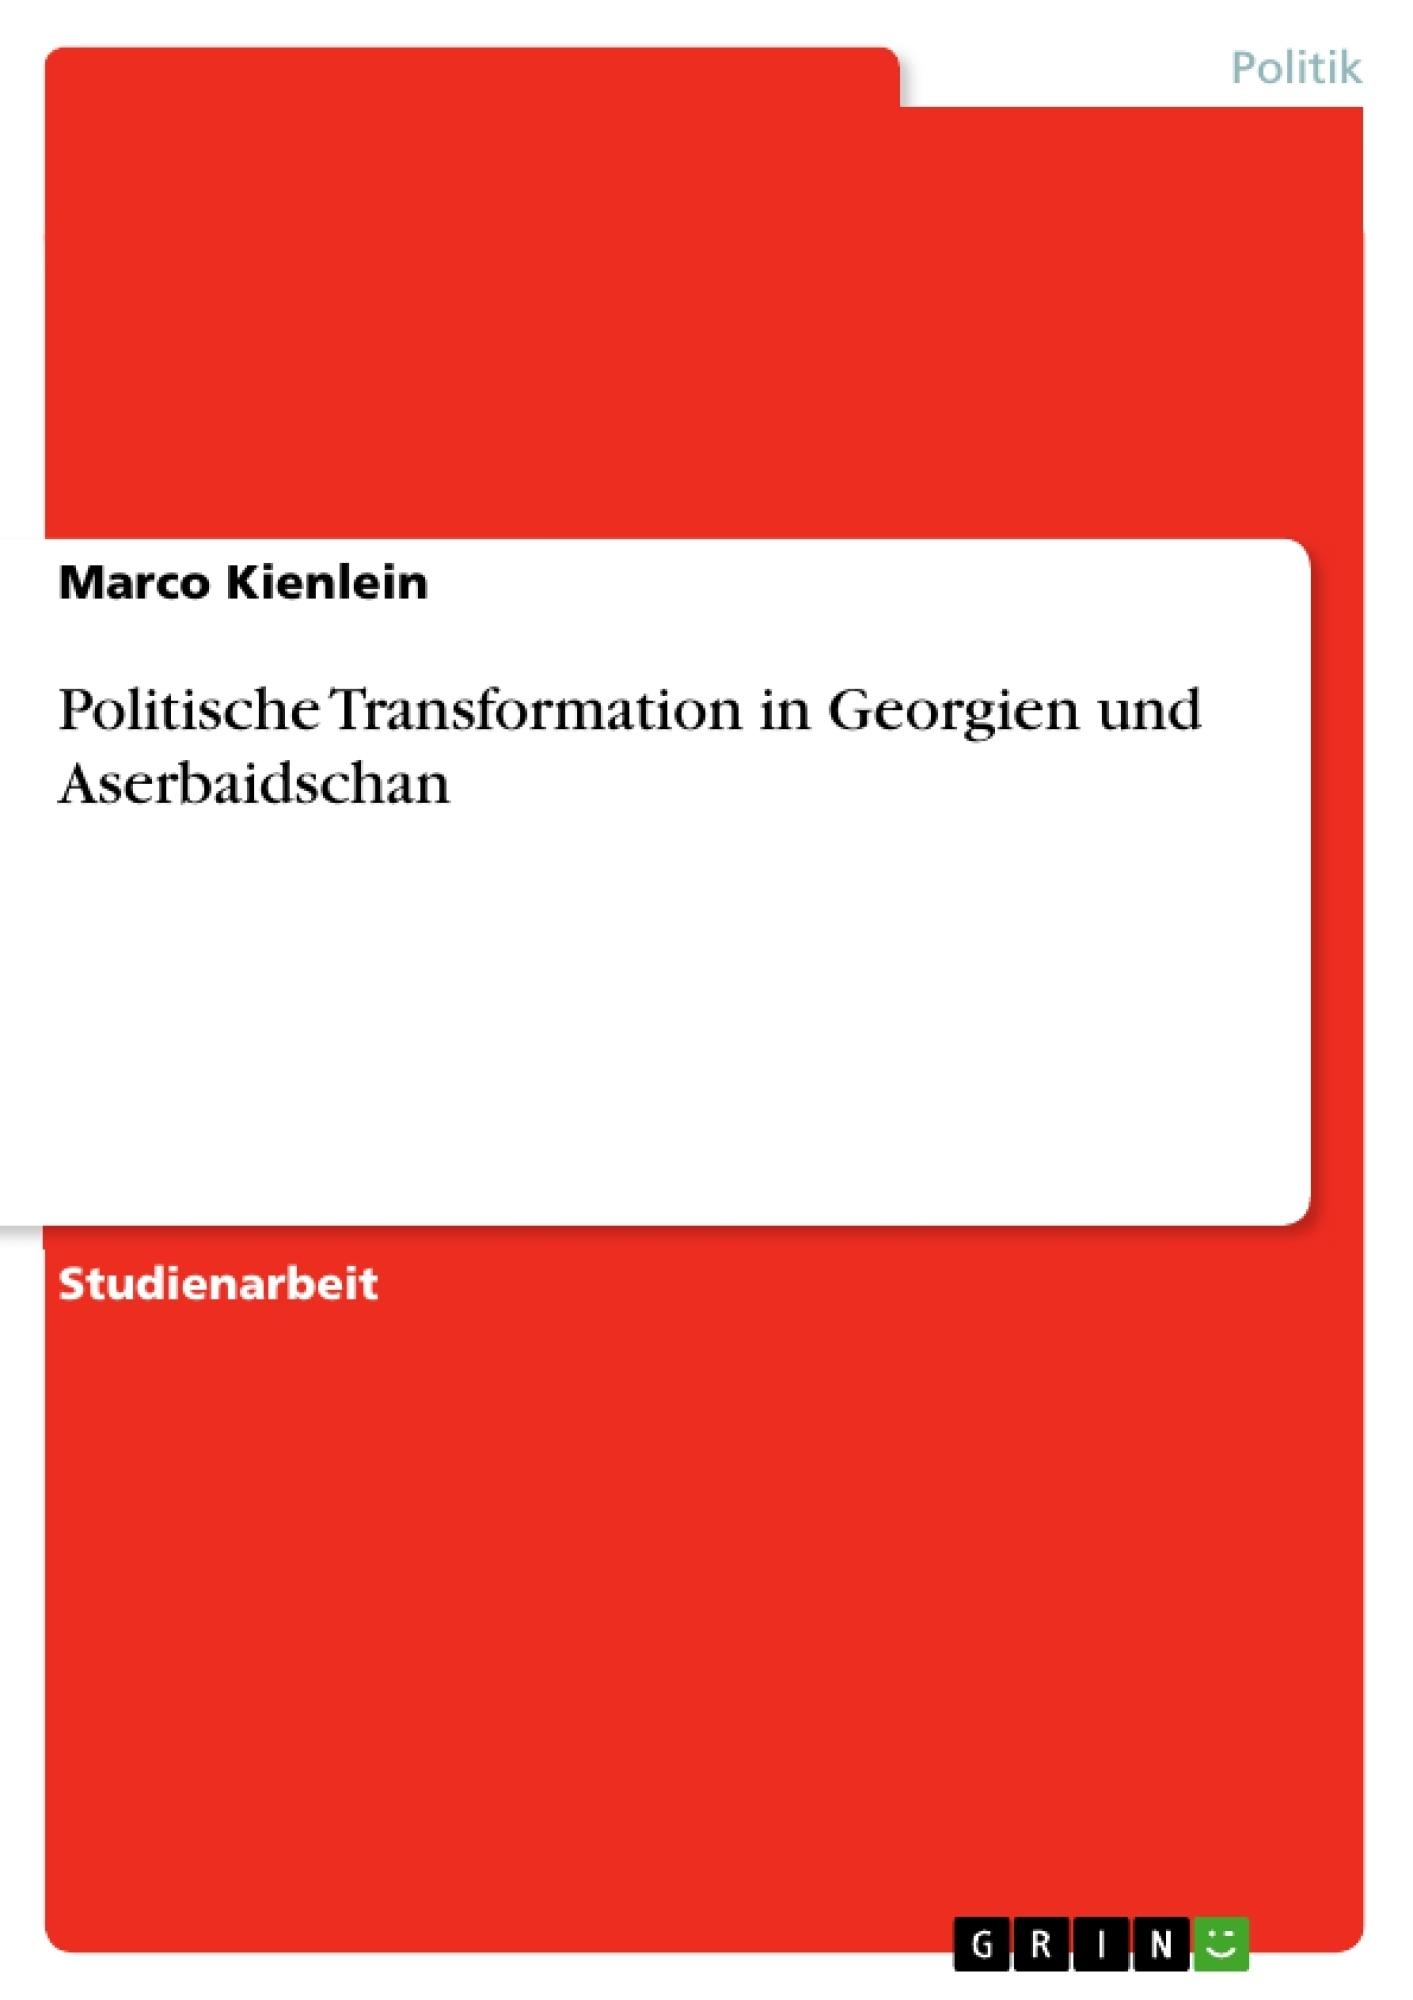 Titel: Politische Transformation in Georgien und Aserbaidschan